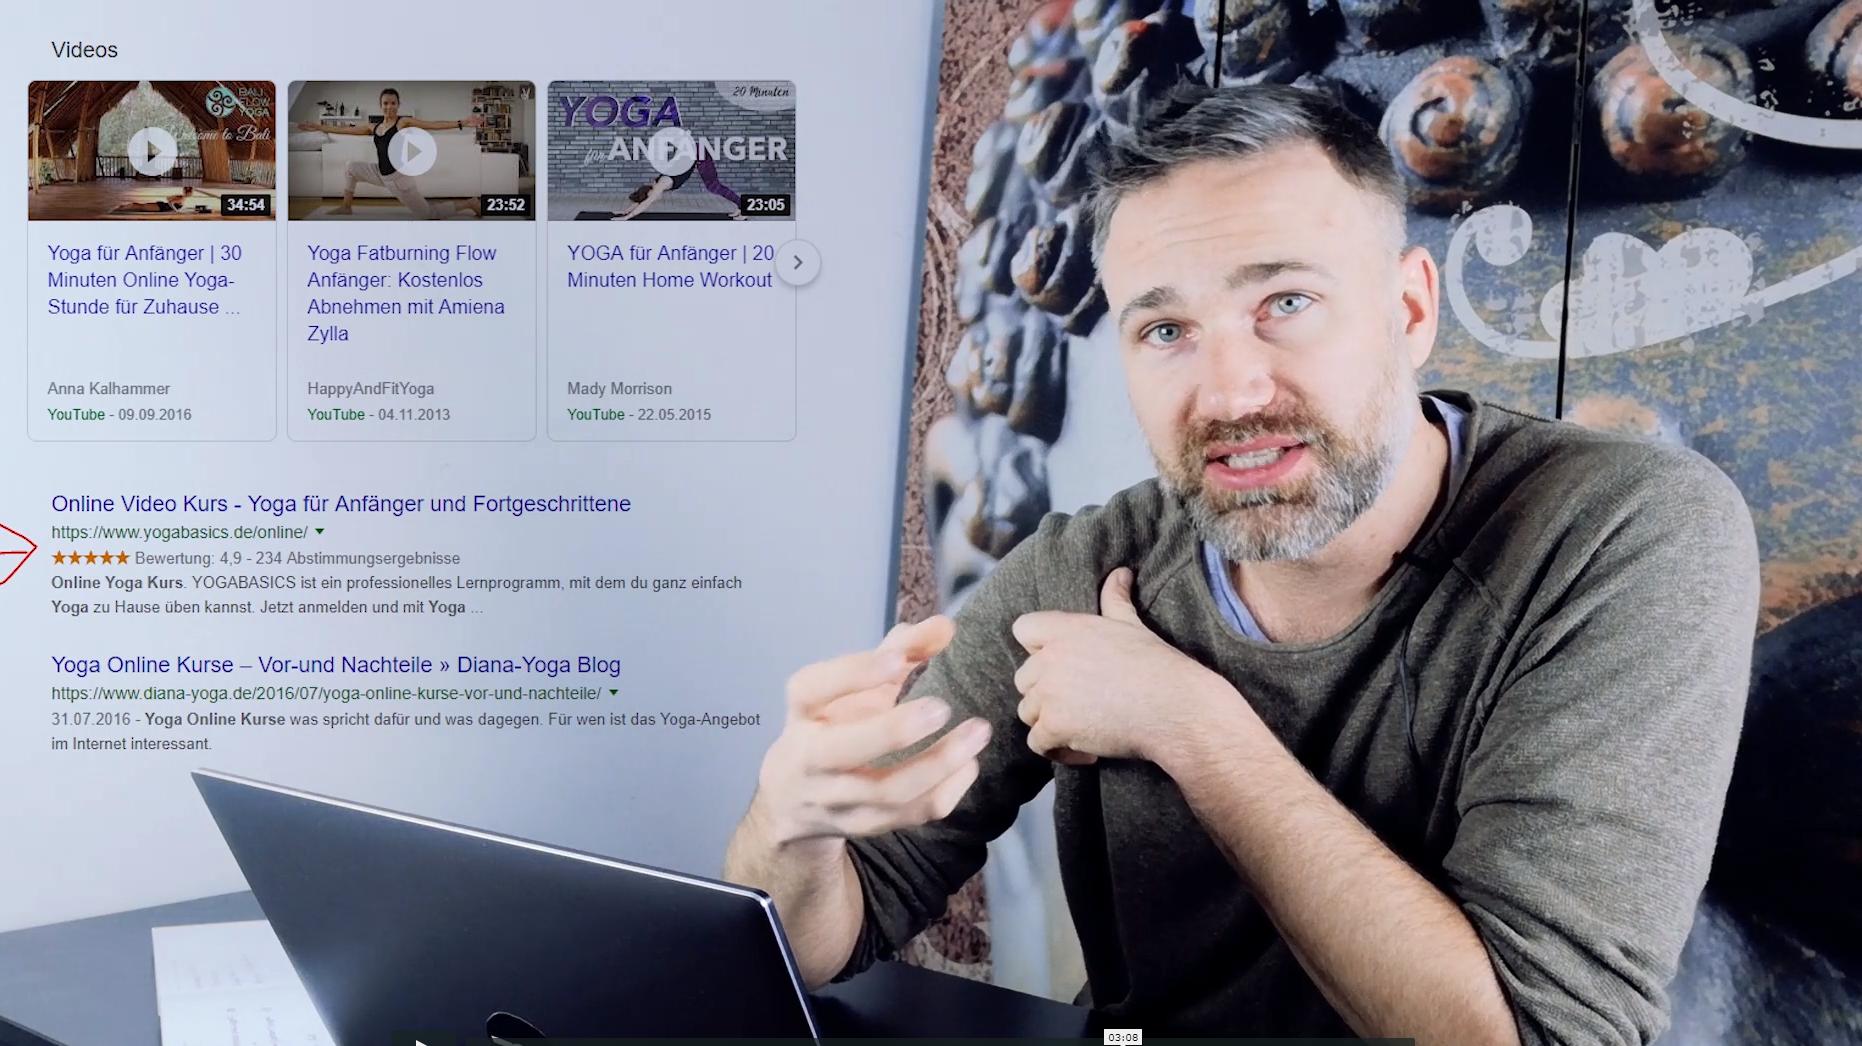 Proven Expert (Kundenstimmen auf deiner Website darstellen)